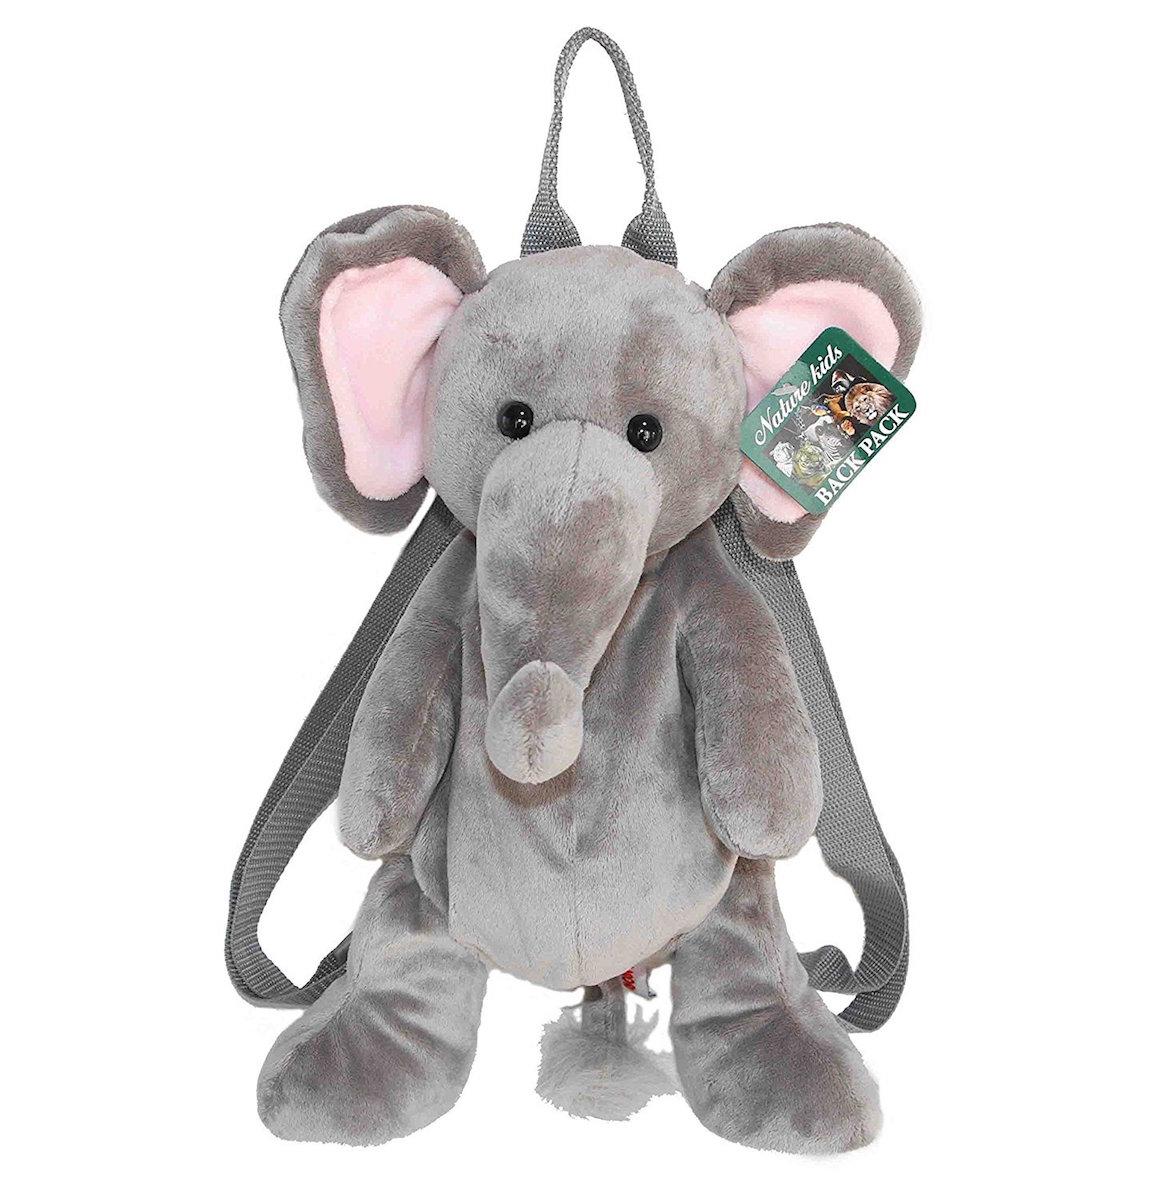 ゾウの可愛いバックパックです バックパック ラッピング無料 ニューゾウ ぬいぐるみ WORLD オーロラワールド AURORA 日本未発売 陸の生き物